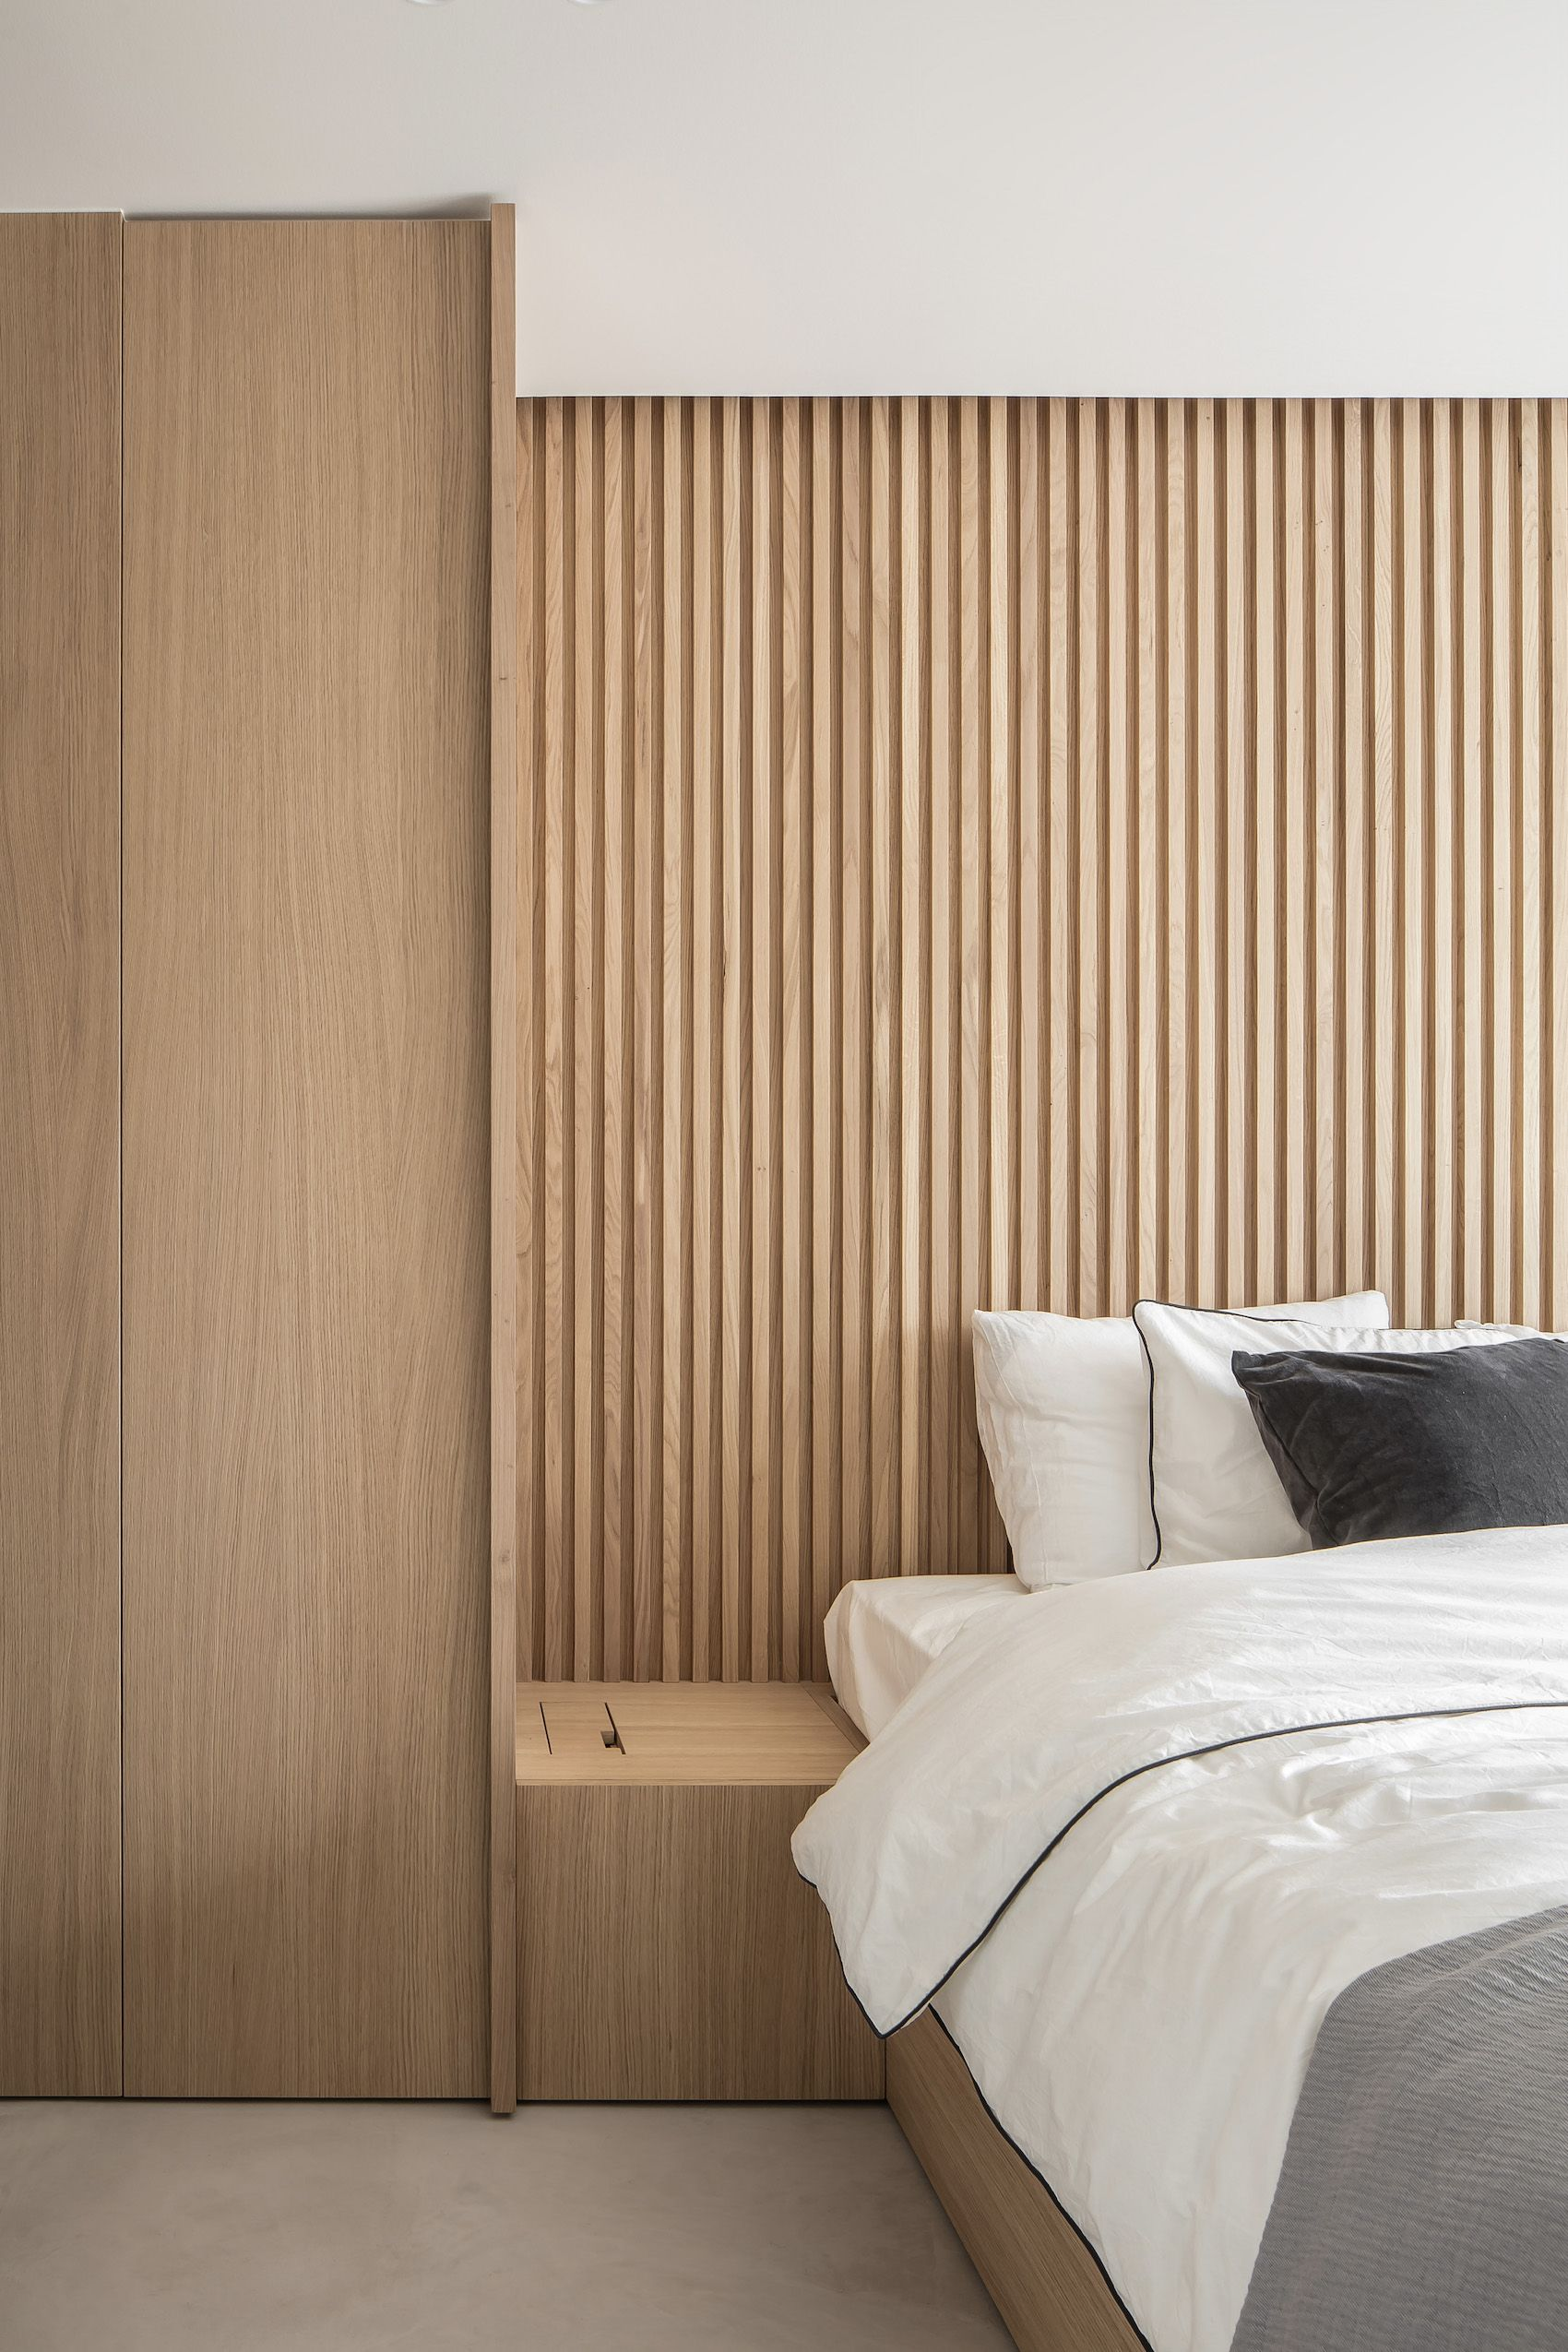 Residence Lc Schlafzimmer Design Haus Einrichten Schlafzimmer